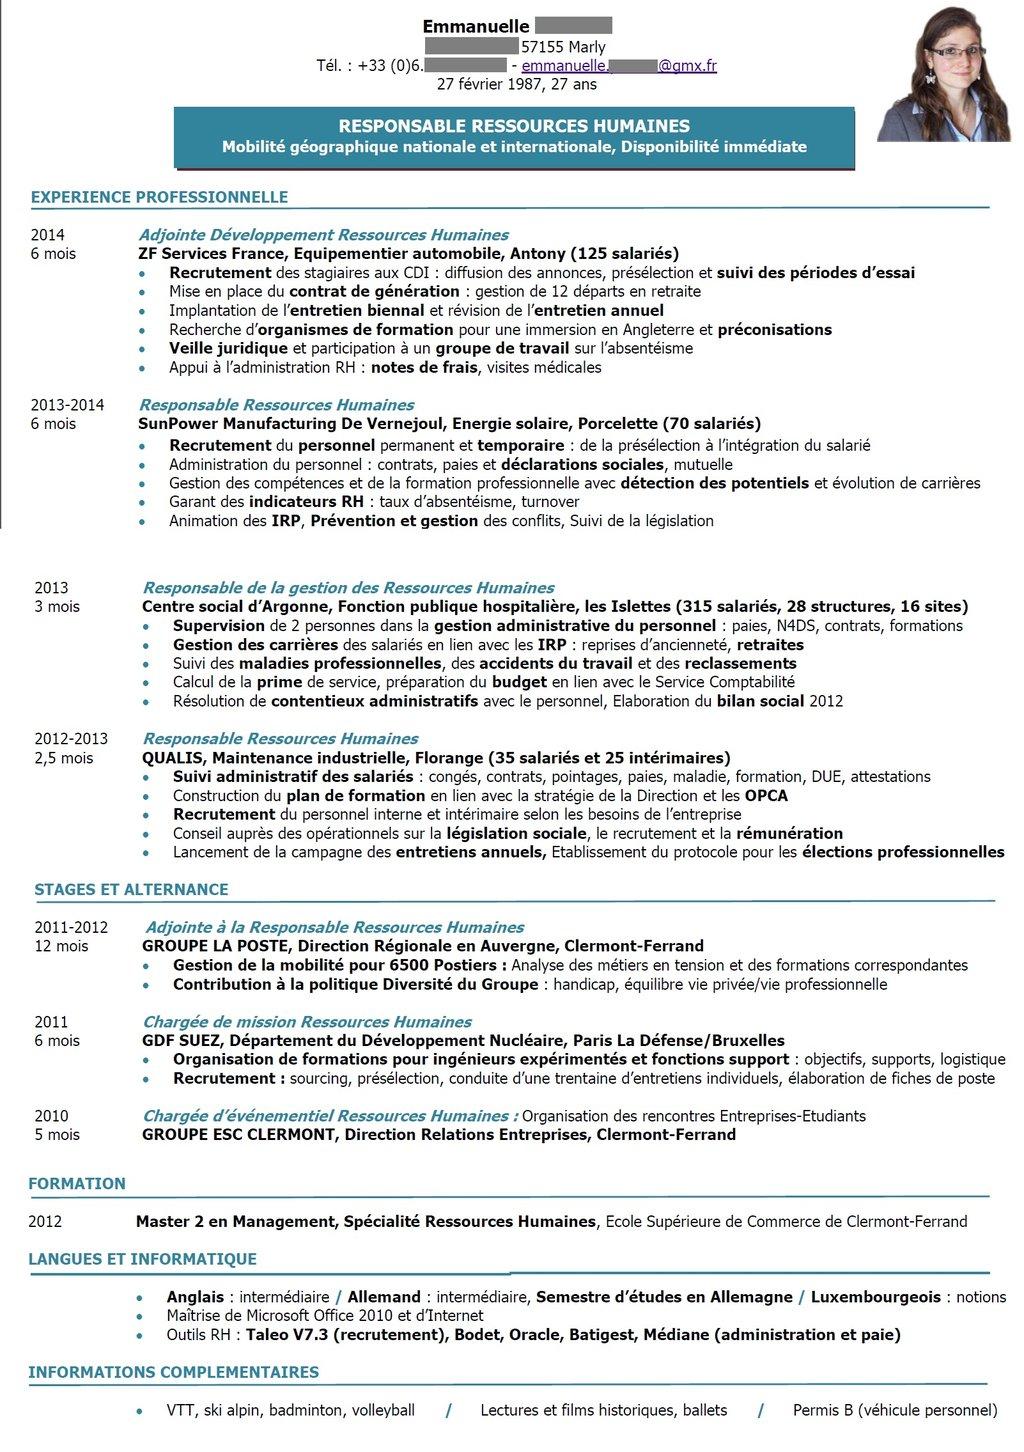 cv directeur des ressources humaines pdf